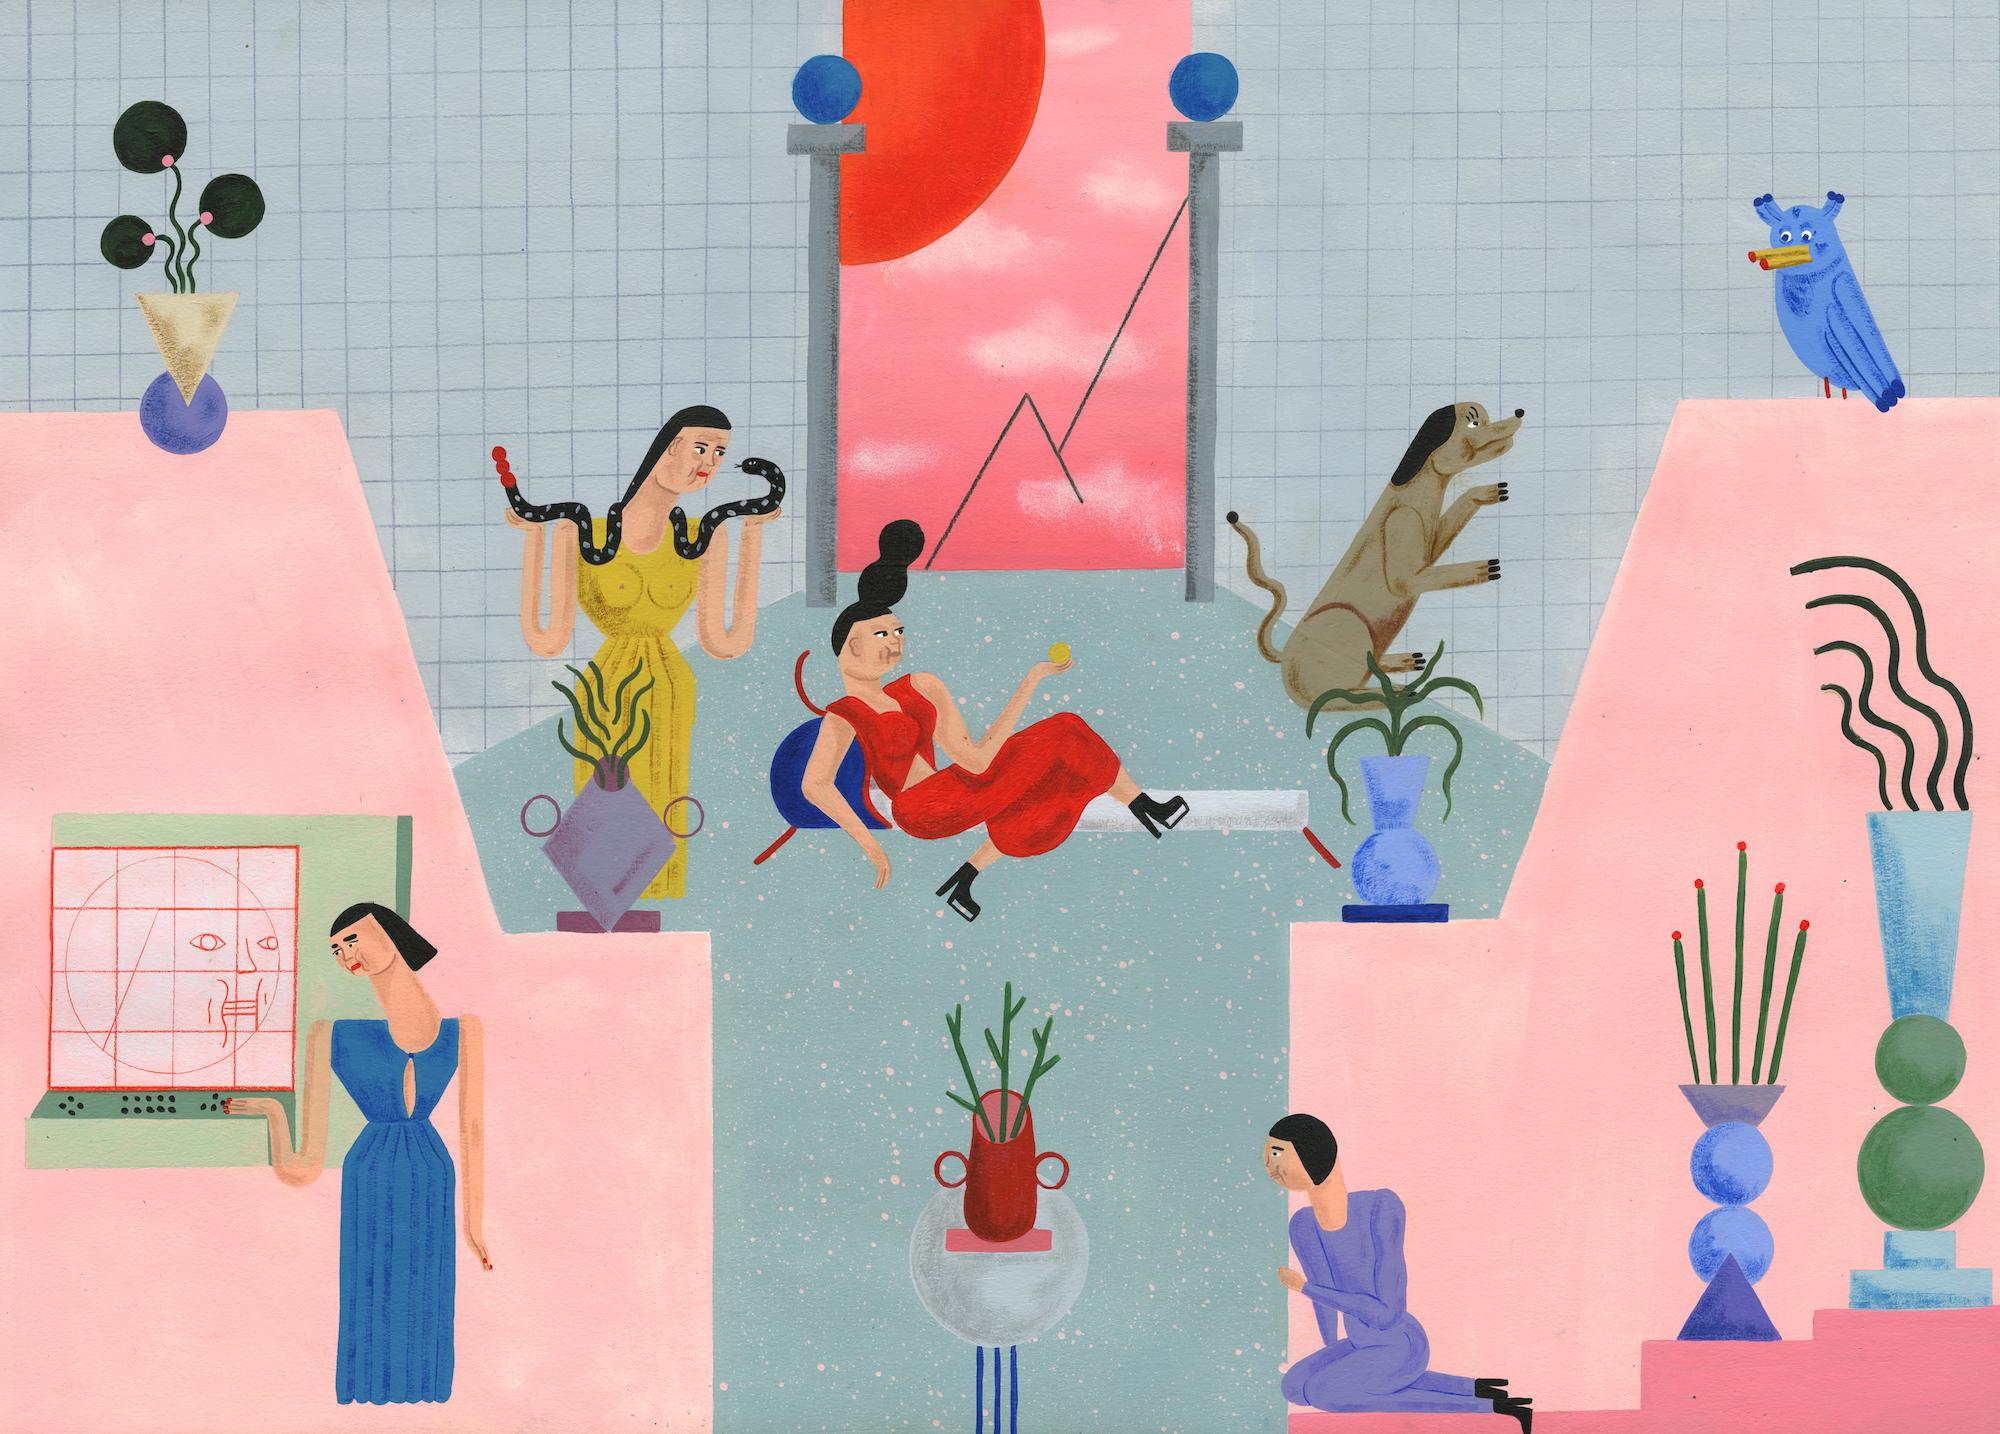 Work by Stefhany Y Lozano